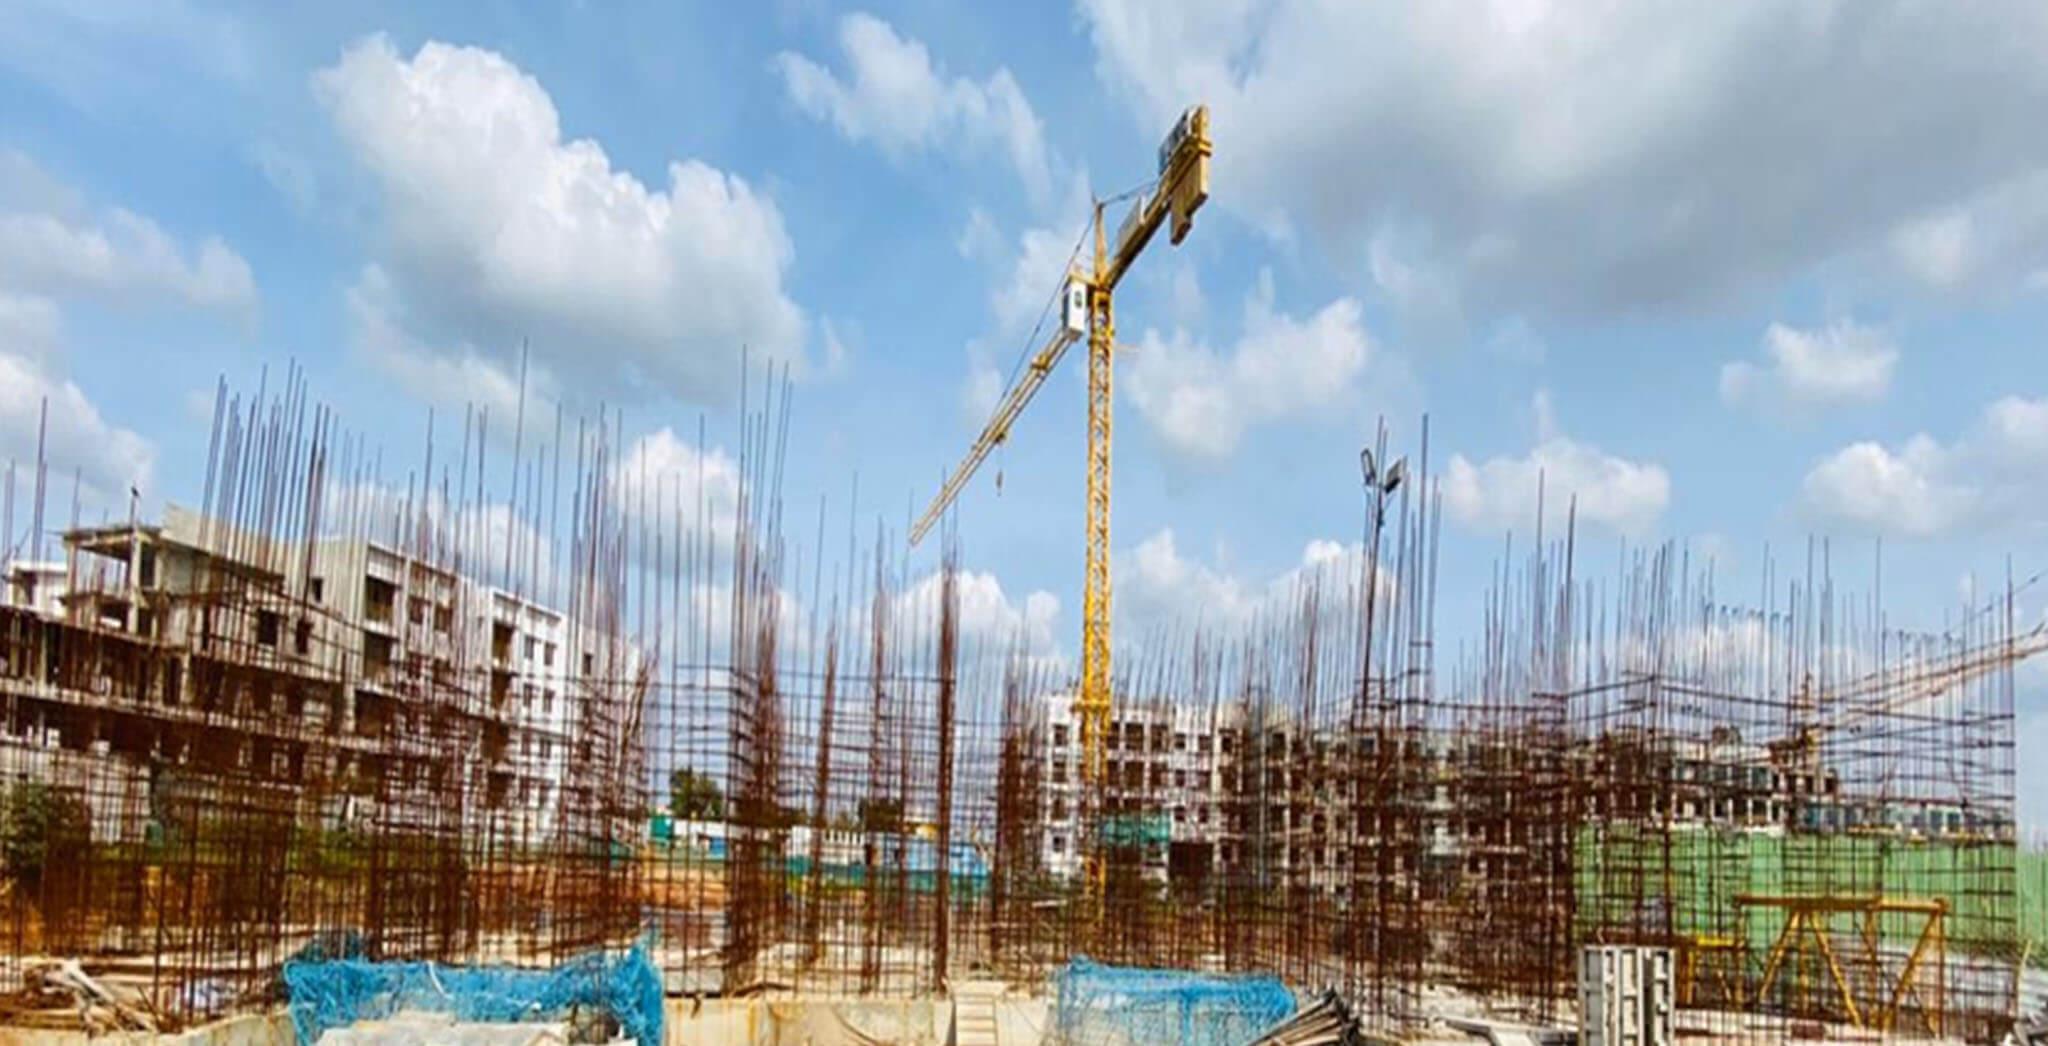 Aug 2020 - B Block: Ground floor slab completed